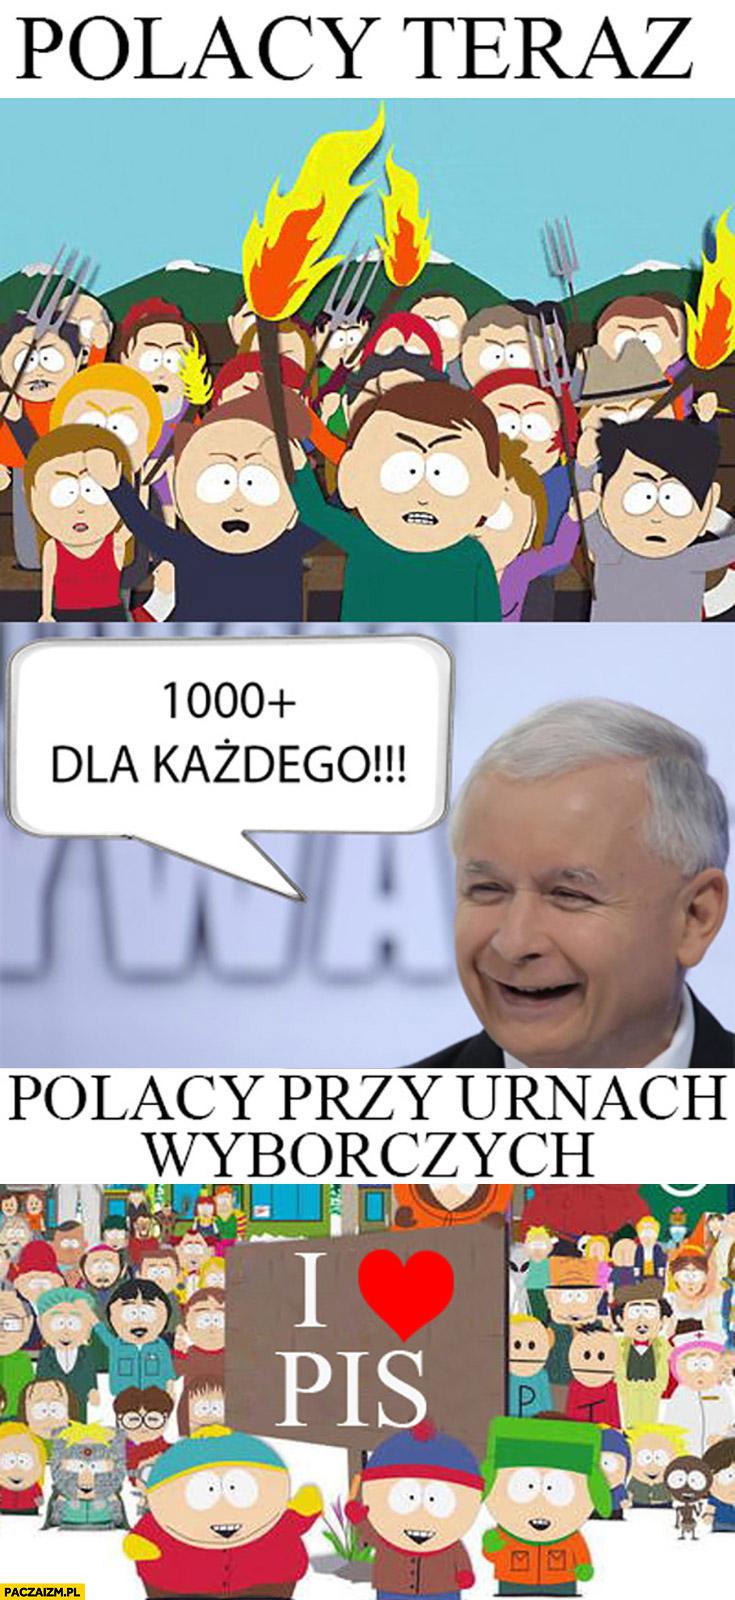 Polacy teraz protest Kaczyński 1000 plus dla każdego, Polacy przy urnach wyborczych kochają PiS